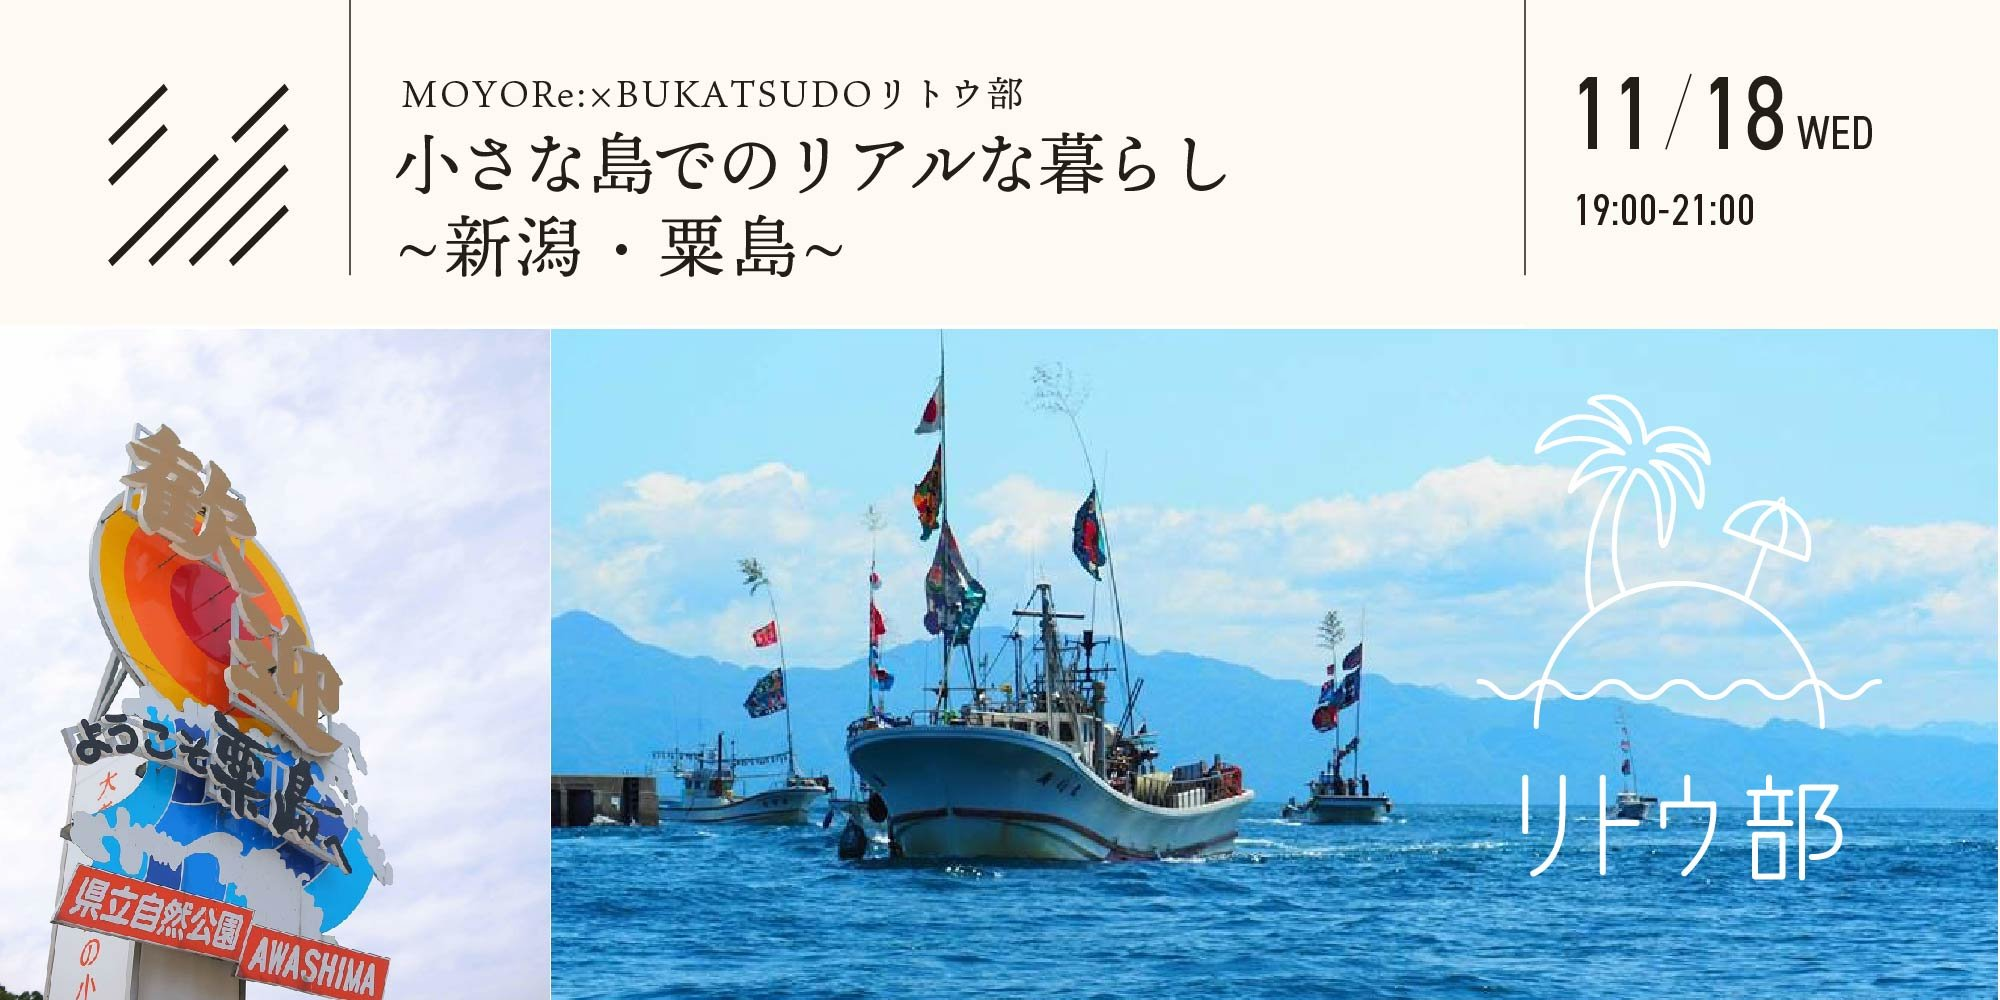 ※内容変更あり※ MOYORe:×BUKATSUDOリトウ部 「小さな島でのリアルな暮らし ~新潟・粟島~ 」